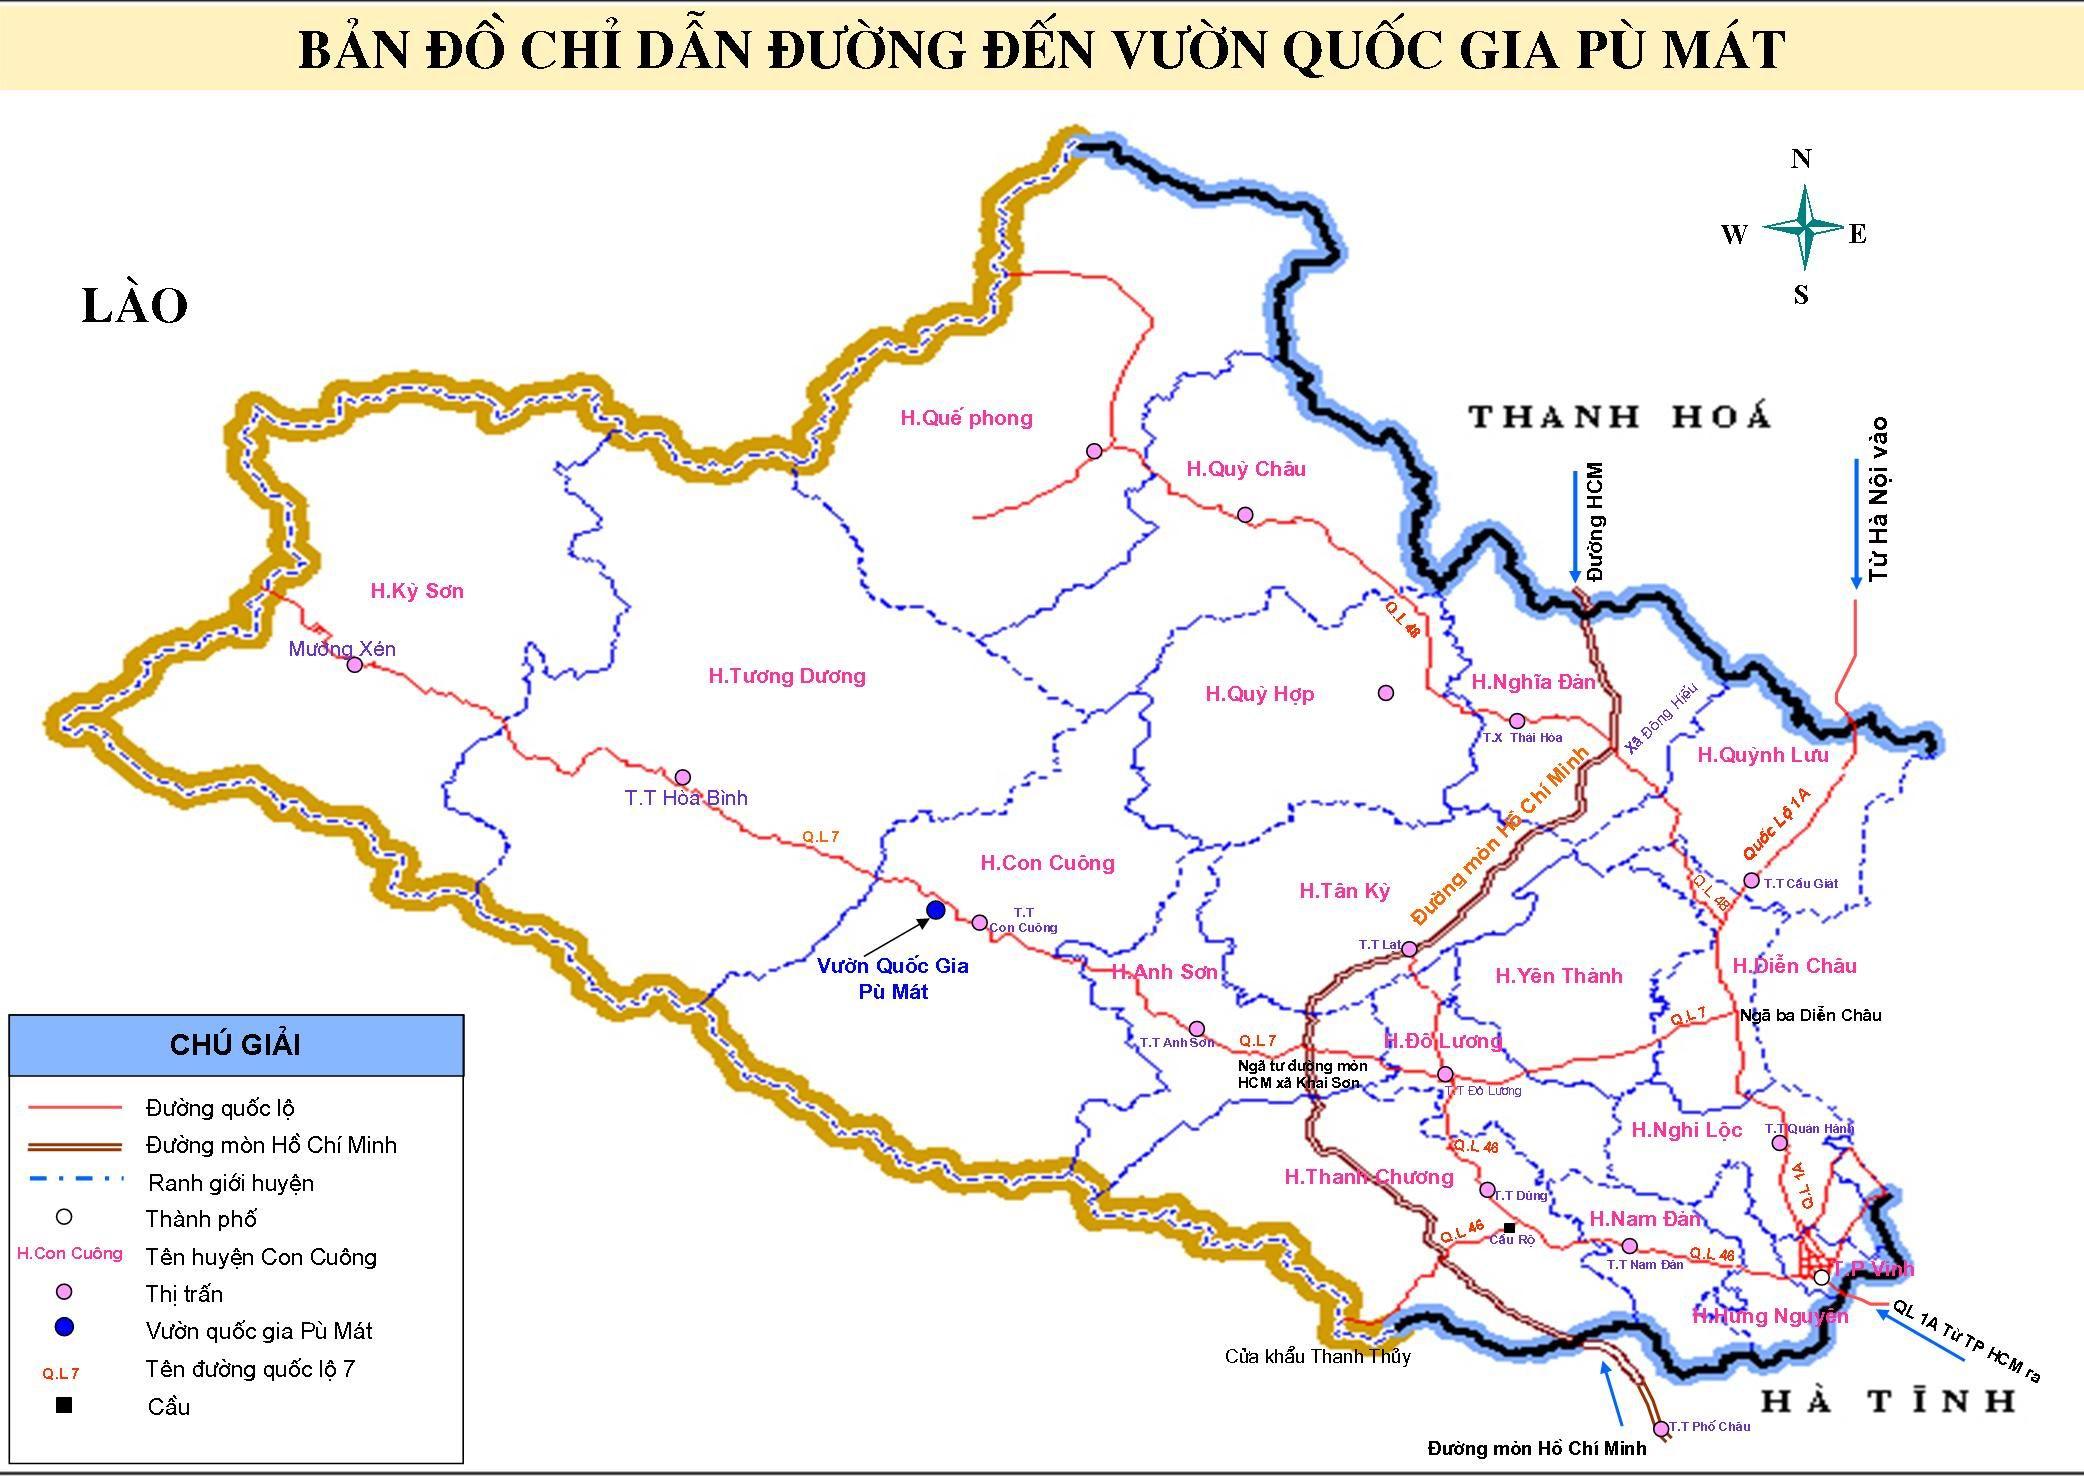 Vị trí địa lý vườn quốc gia Pu Mát